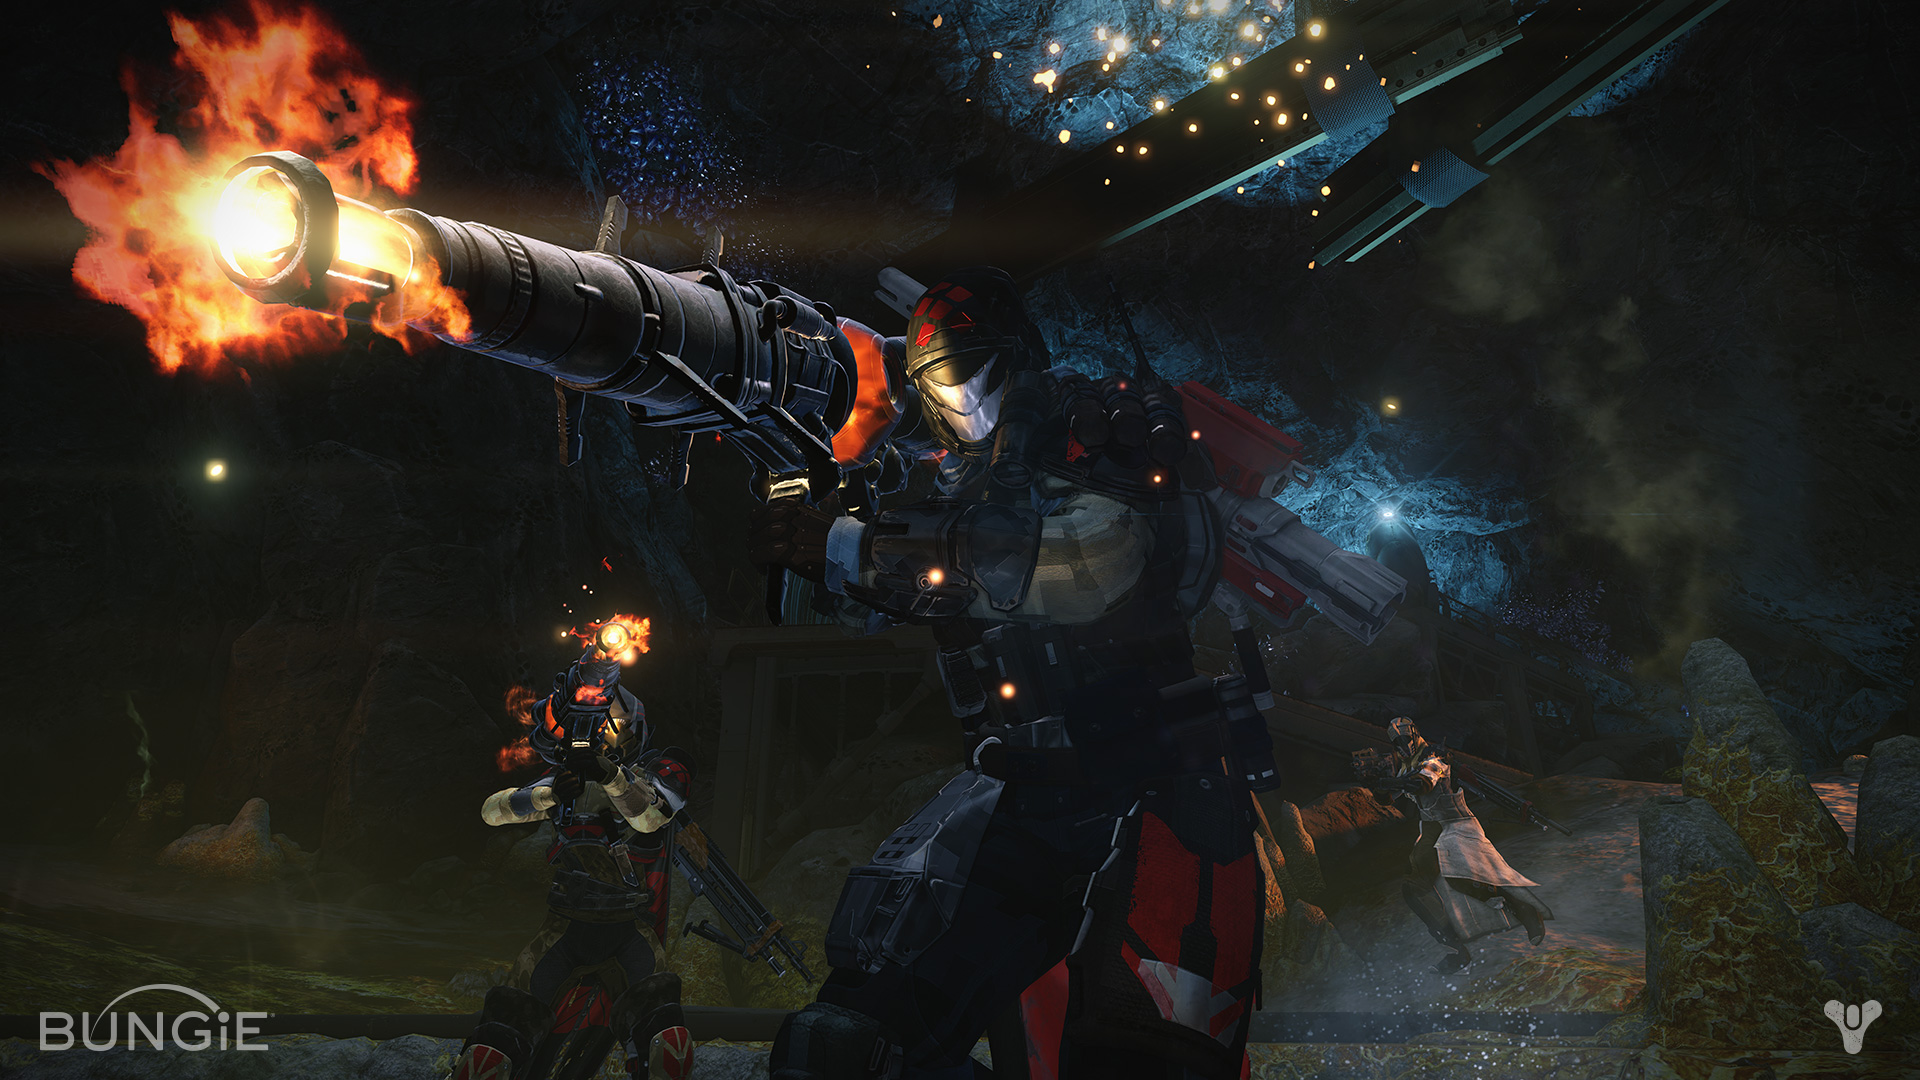 destiny 2 scorch cannon ile ilgili görsel sonucu